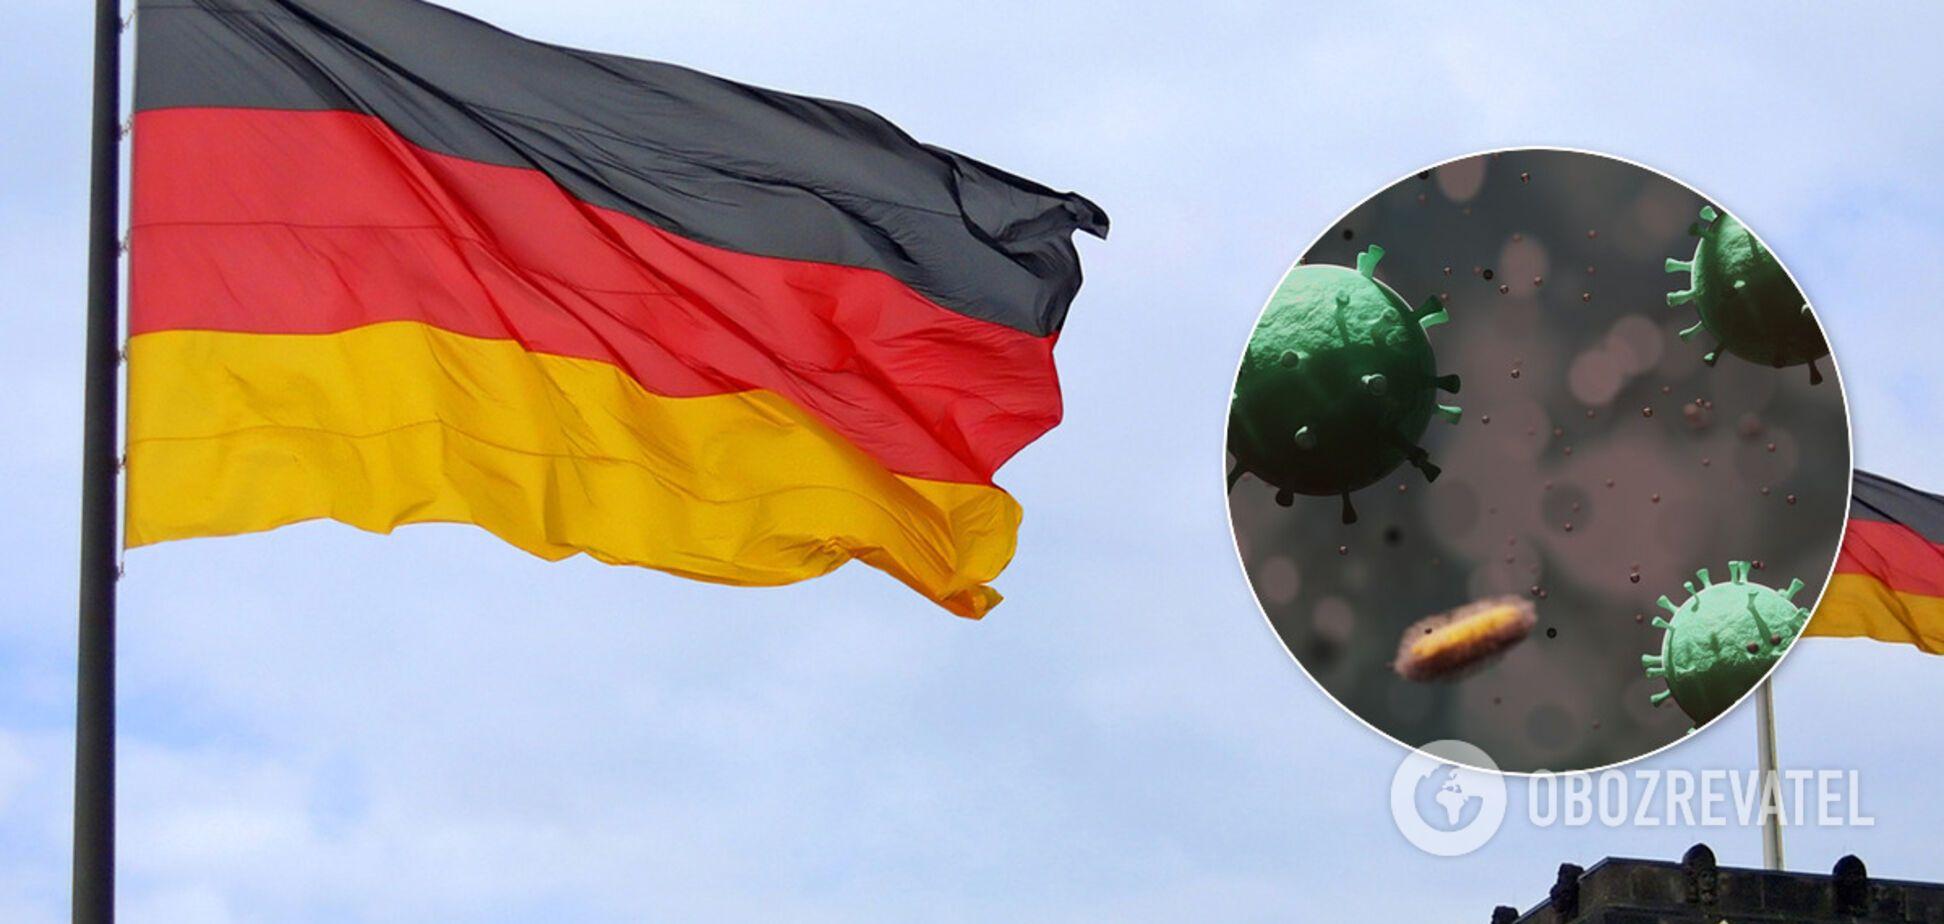 В Германии прогнозируют глубочайшую рецессию экономики из-за коронавируса